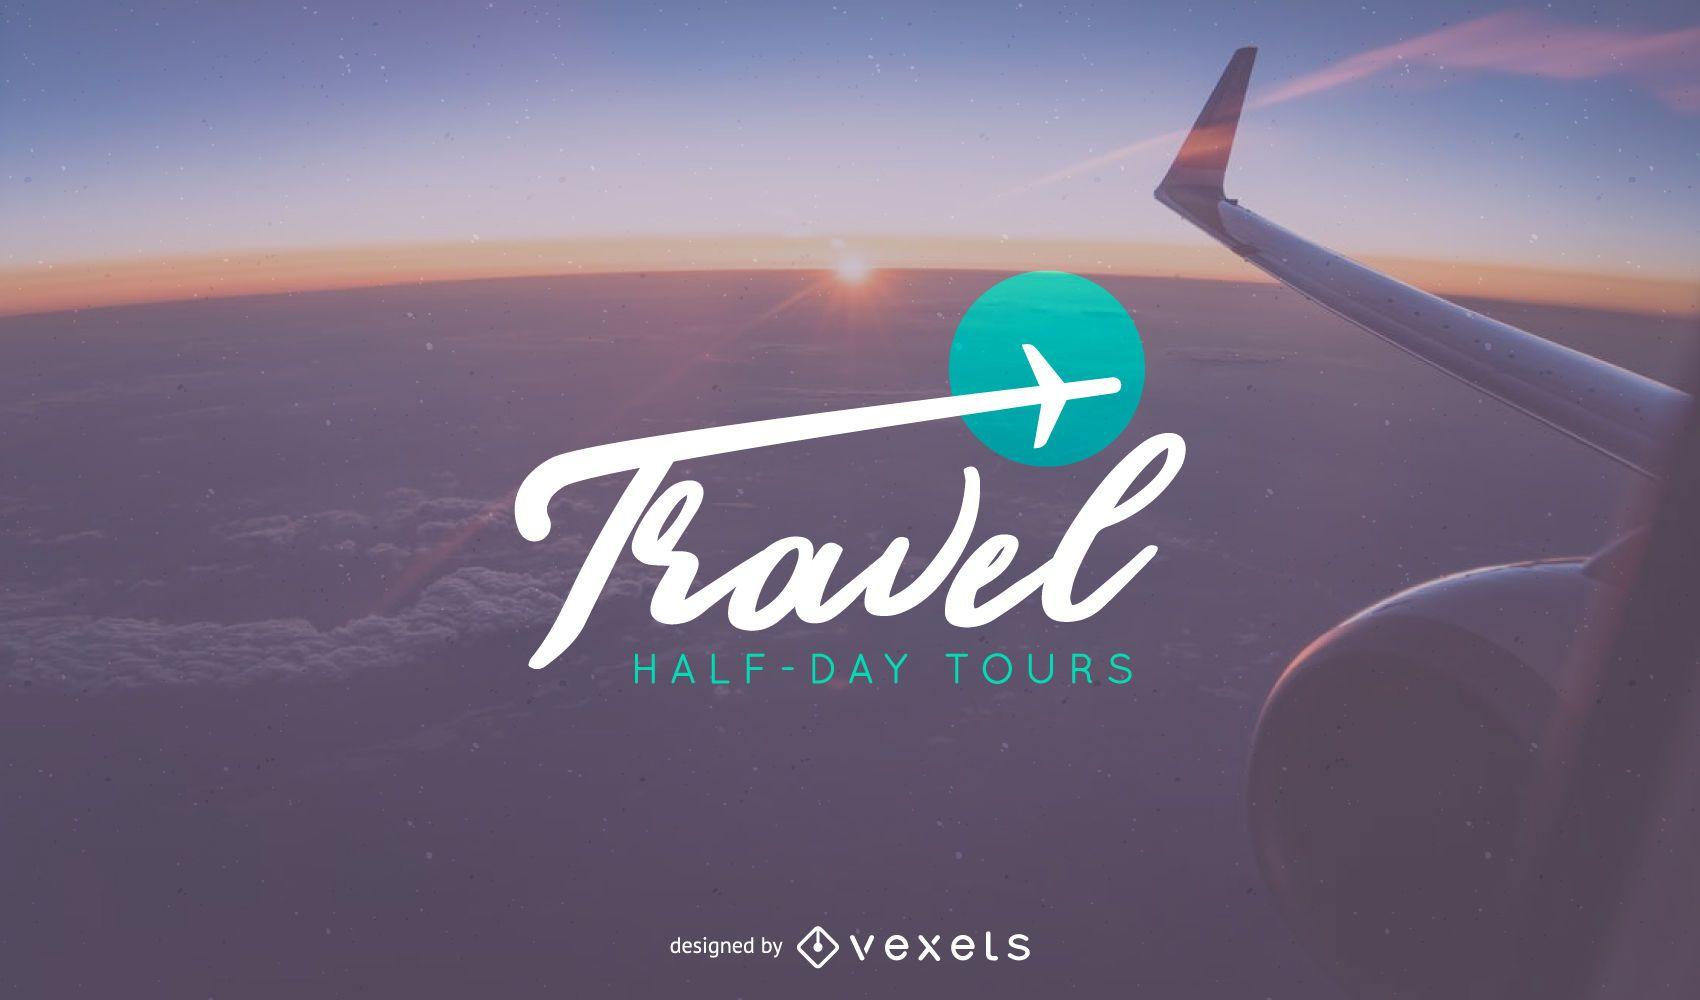 a38024e22668 Travel logo template design - Vector download